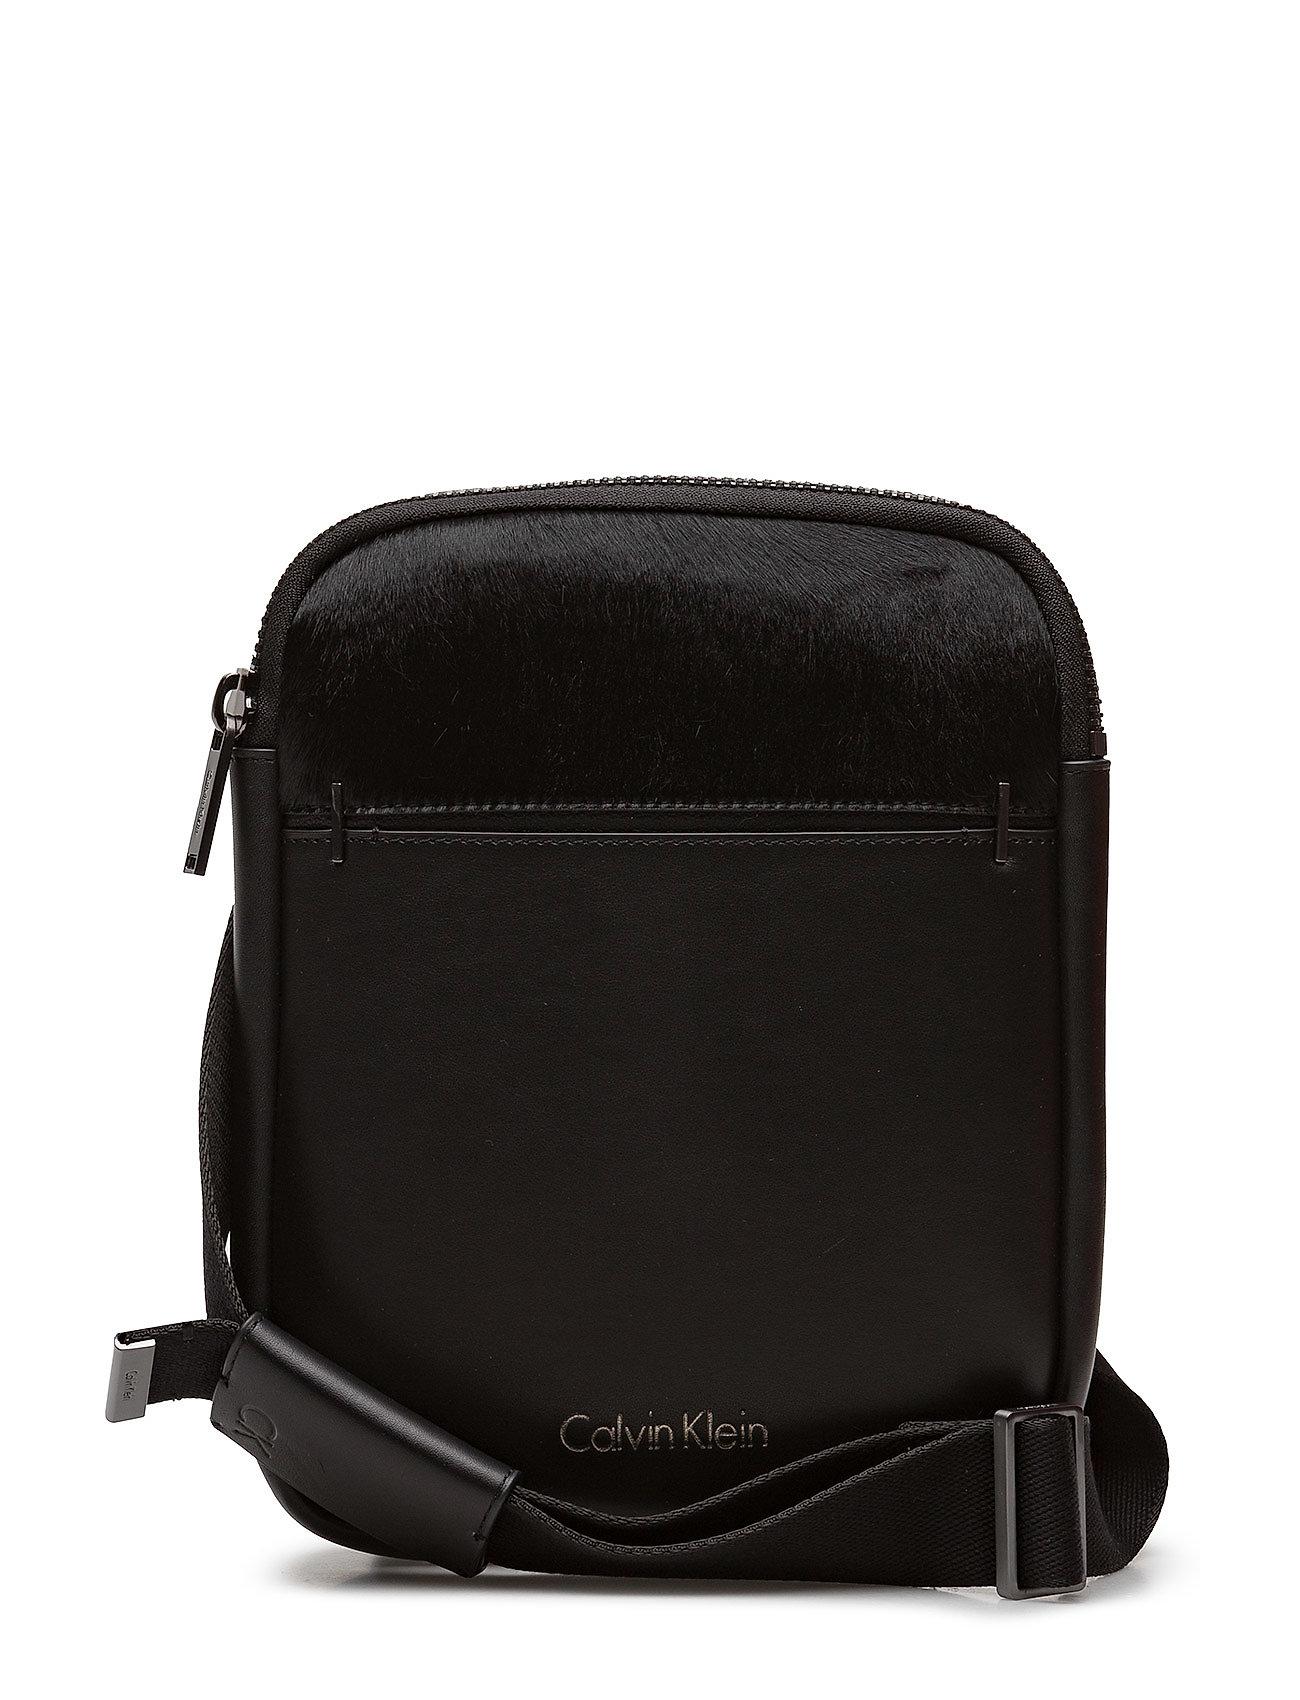 Calvin Klein LEX FLAT CROSSOVER